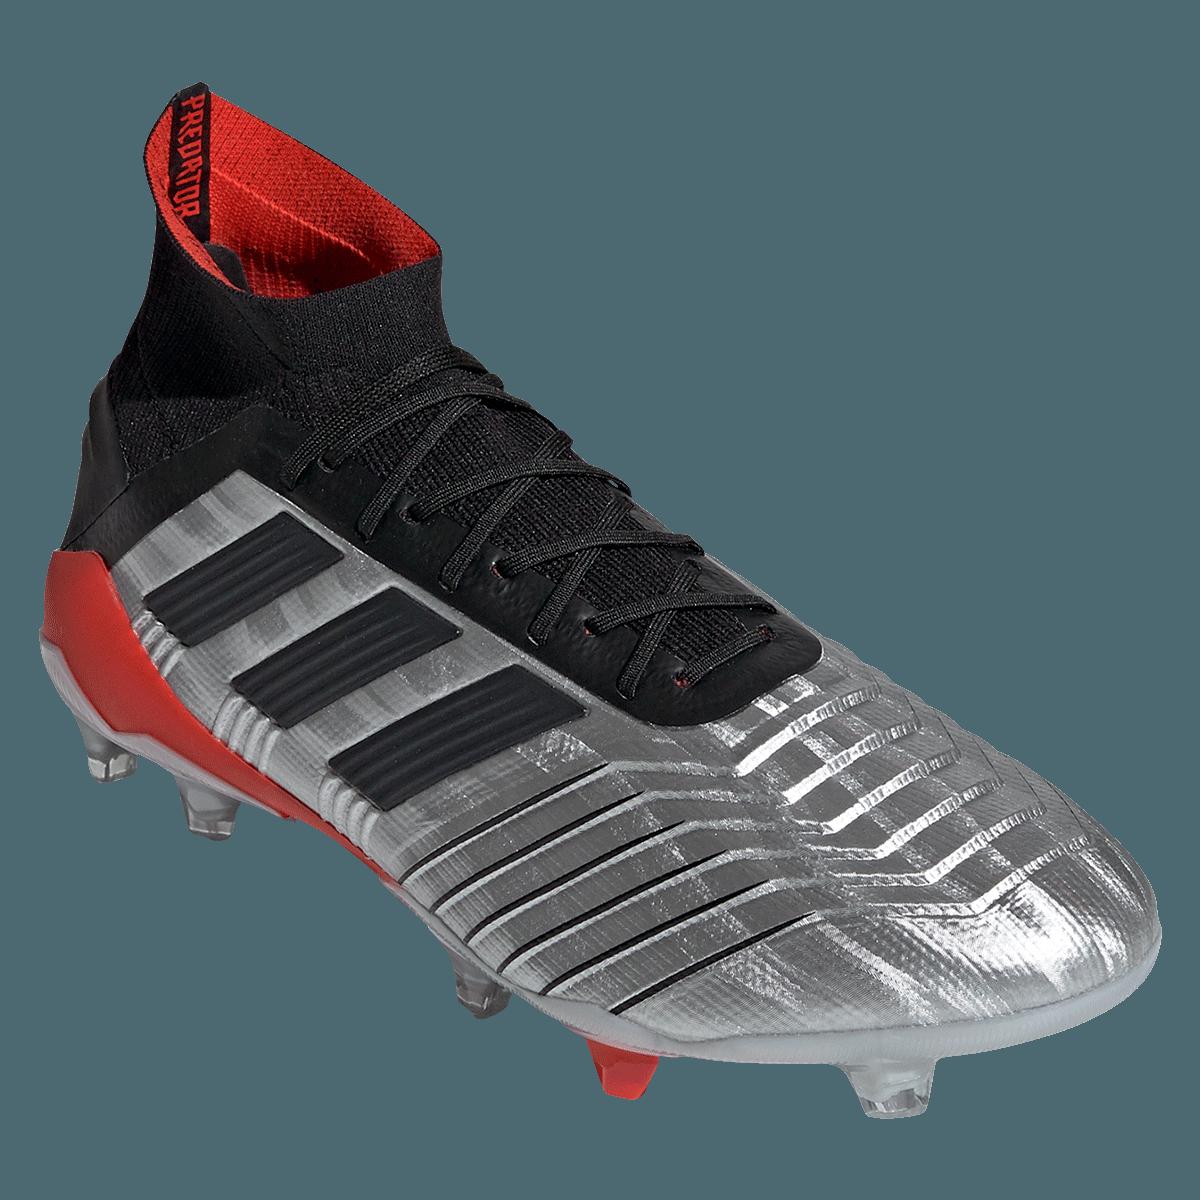 19 Adidas Silberschwarz Fußballschuh Predator 1 Fg I76gyfvYb